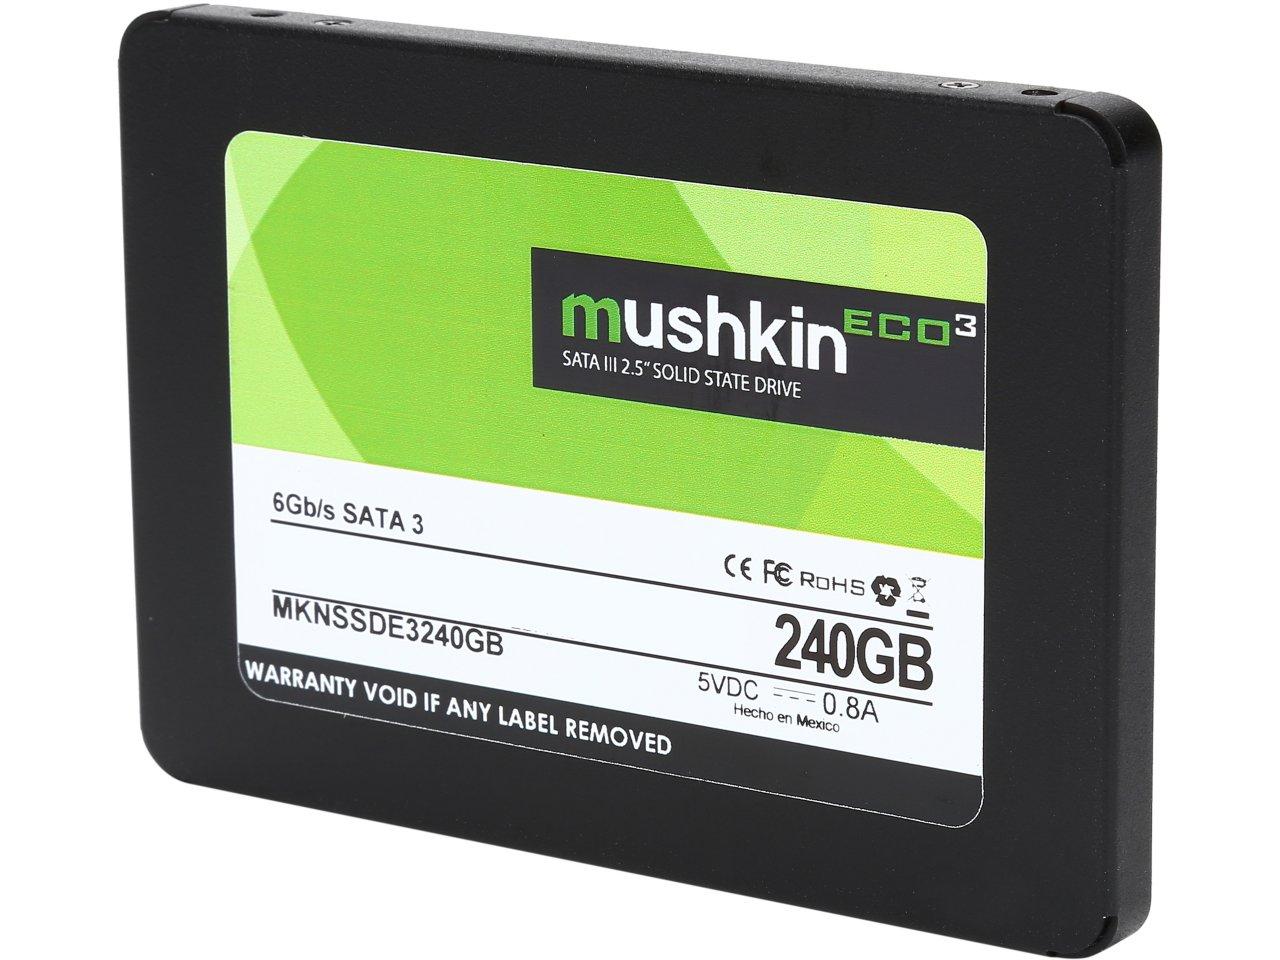 """240 GB Mushkin Enhanced ECO3 2.5"""" SATA III TLC Internal SSD for $54.99 AC, 1 TB Mushkin Enhanced Reactor 2.5"""" SATA III MLC Internal SSD for $209.99 AC & More @ Newegg.com"""